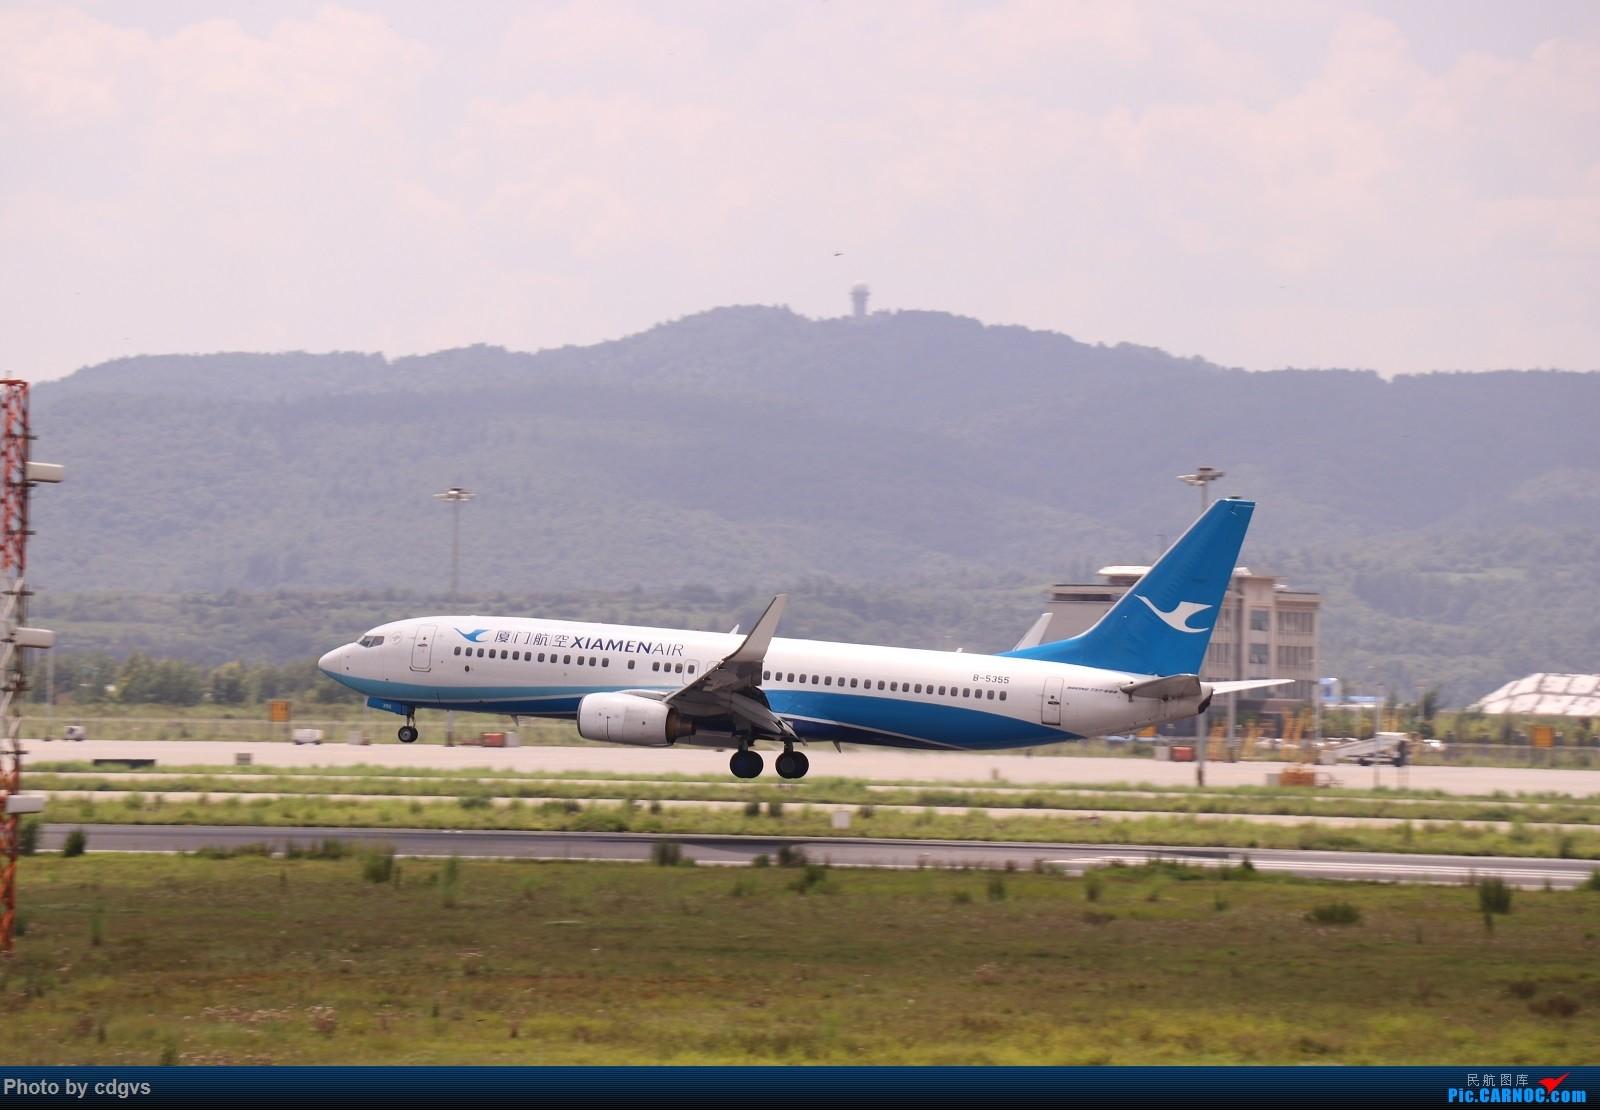 Re:[原创]【KMG】昆明的一天 1600大图 一次看个爽 BOEING 737-800 B-5355 中国昆明长水国际机场